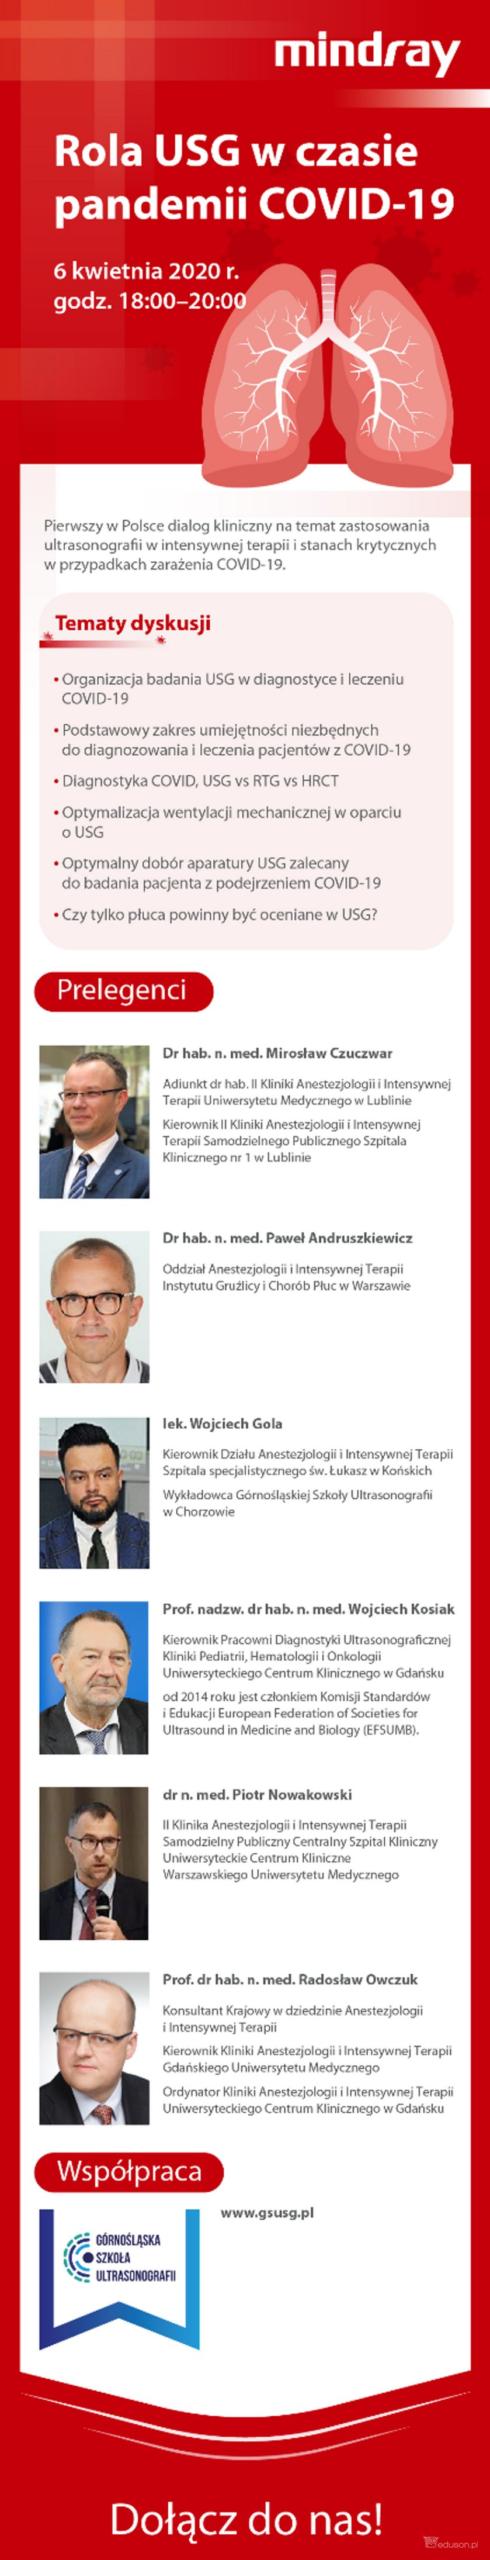 AKTUALIZACJA [10.04.2020]! 14 kwietnia zapraszamy nakolejny webinar natemat wykorzystania usg podczas pandemii COVID-19! - Portal wymiany wiedzy oultrasonografii - Eduson